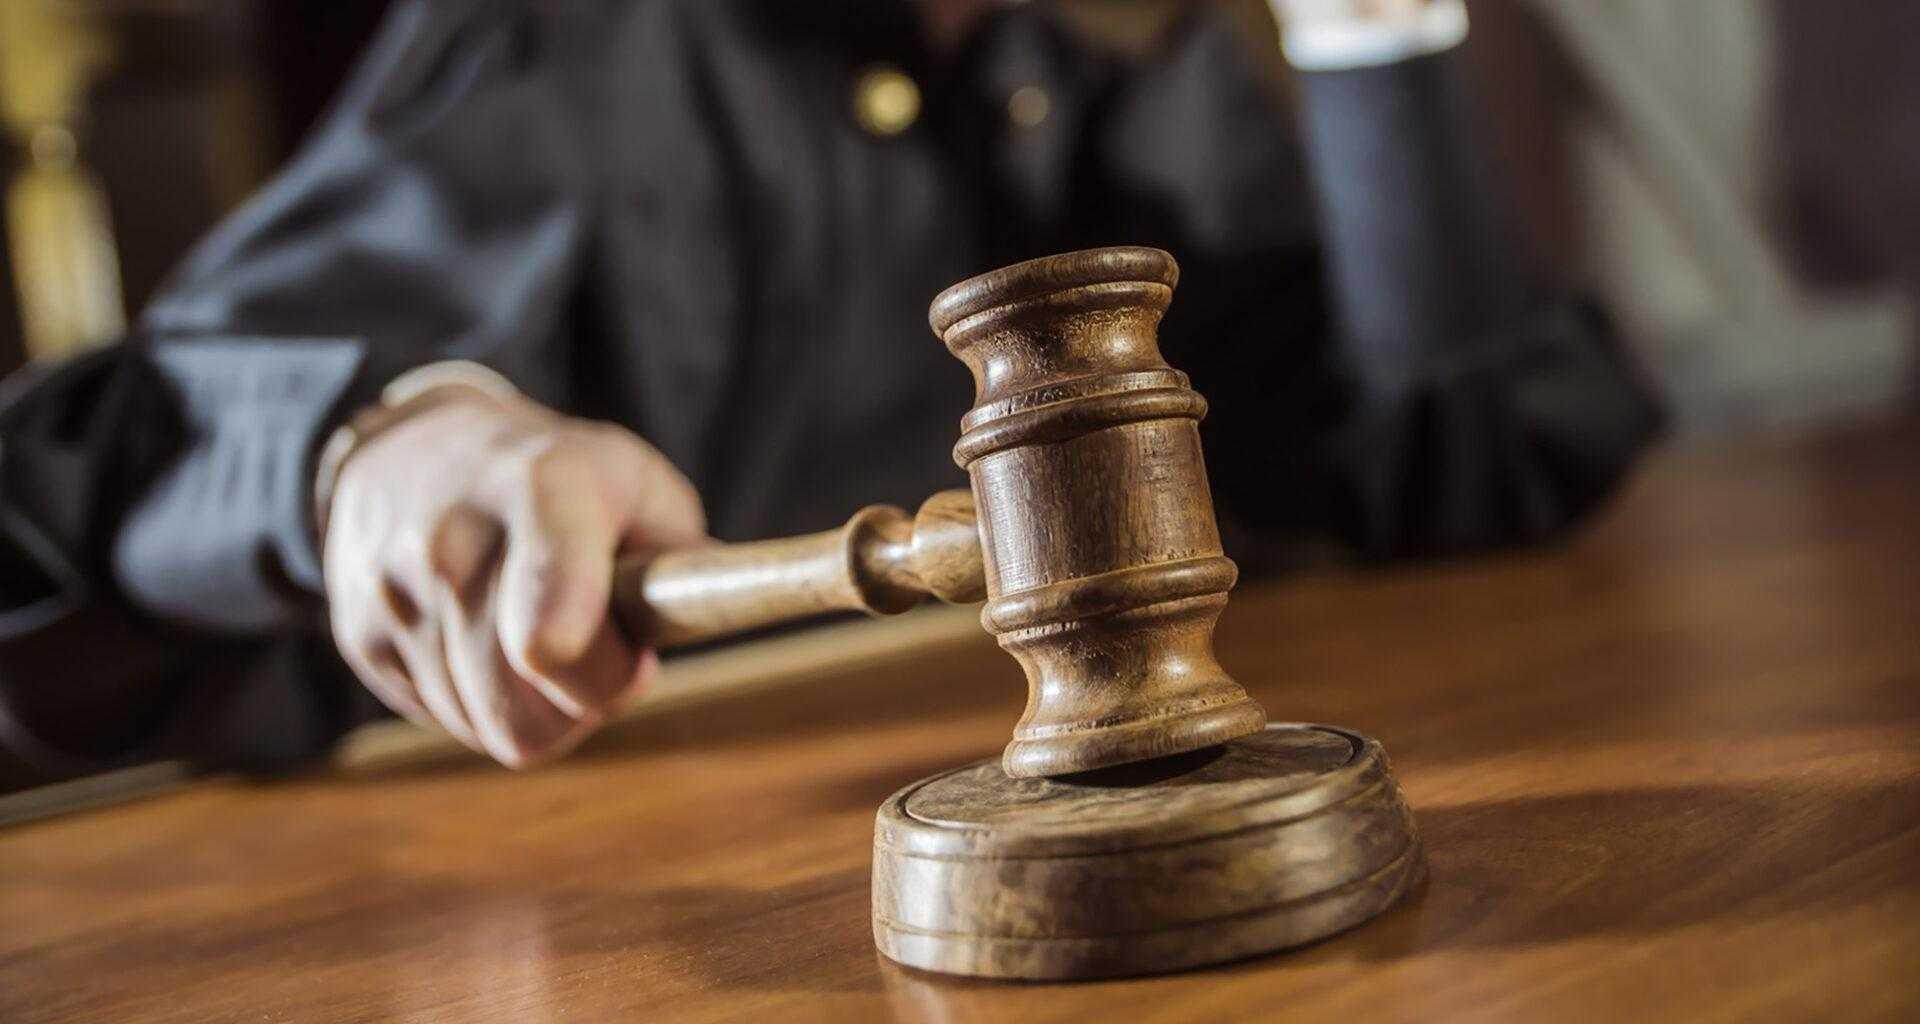 бывший инспектор МВД пойдет под суд за незаконную миграцию